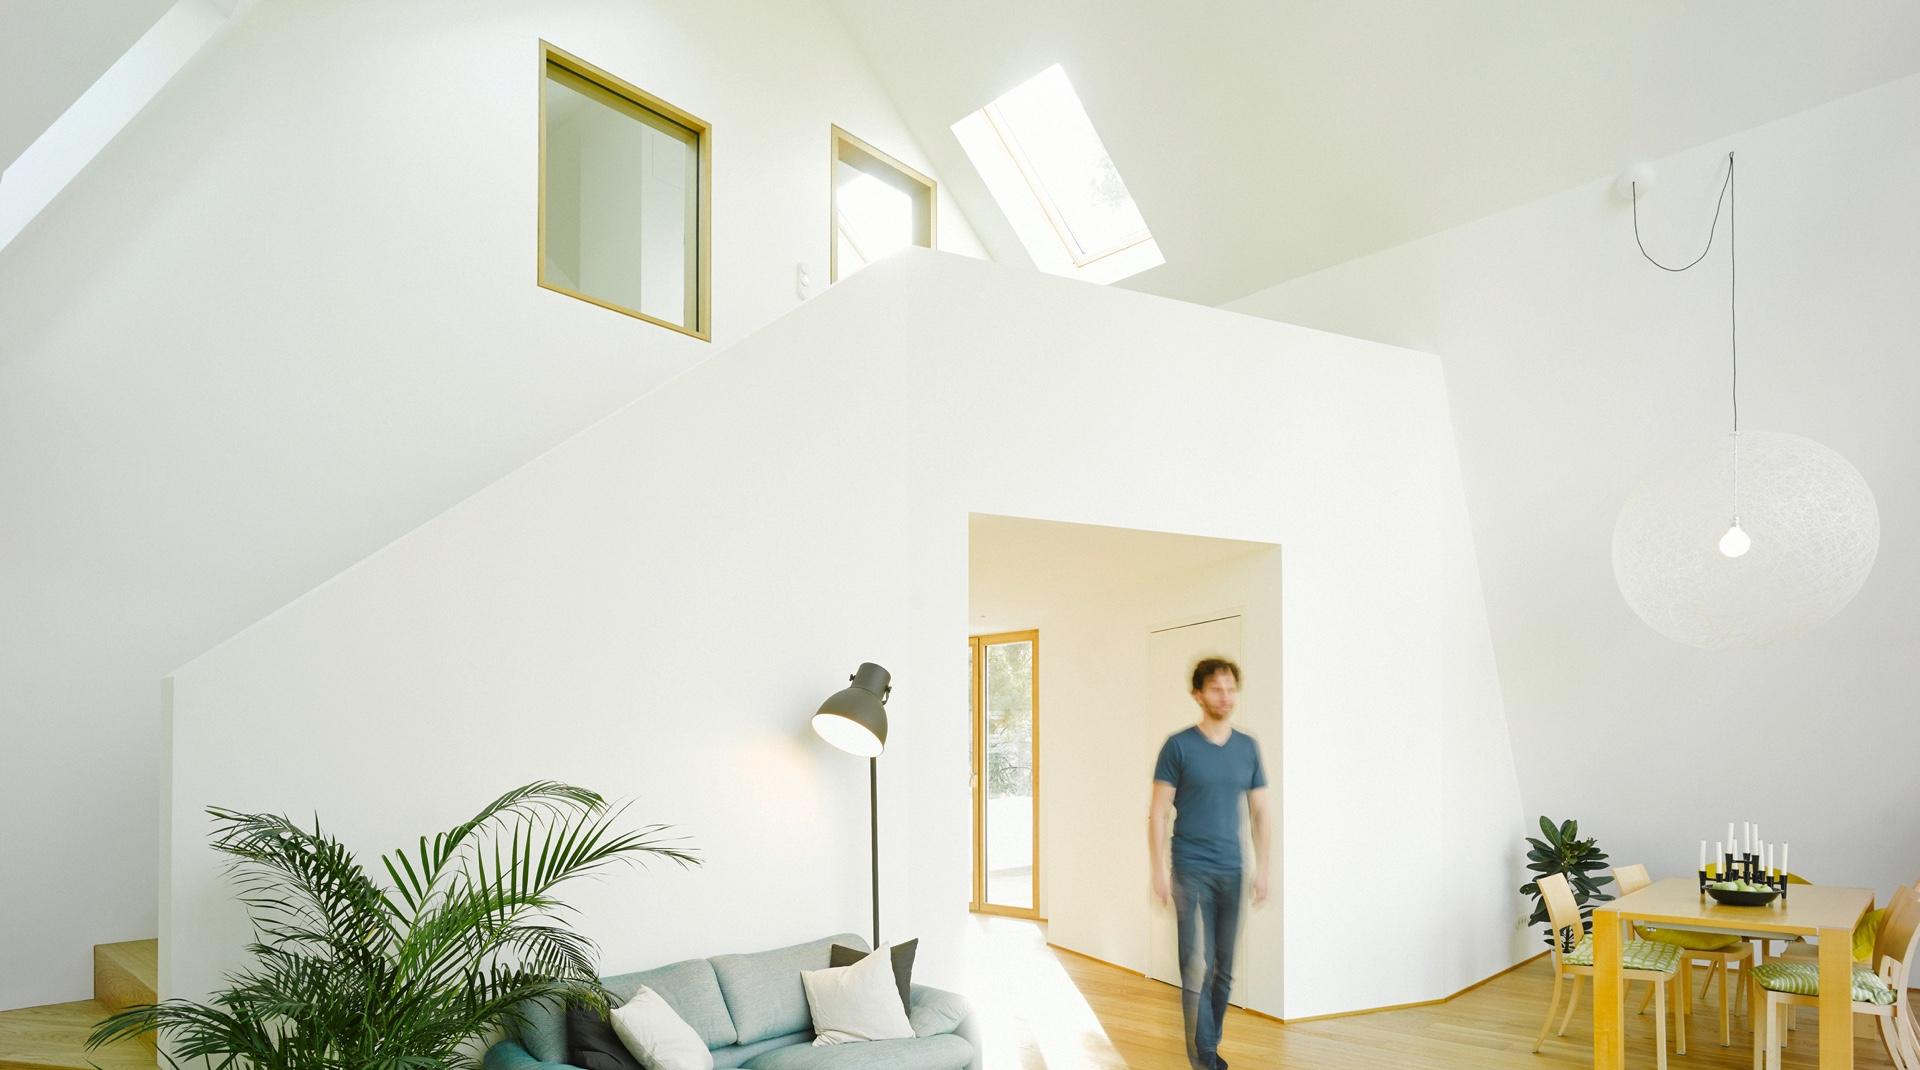 Gründerzeitvilla mit Dacherweiterung: Ansicht des Innenraumes